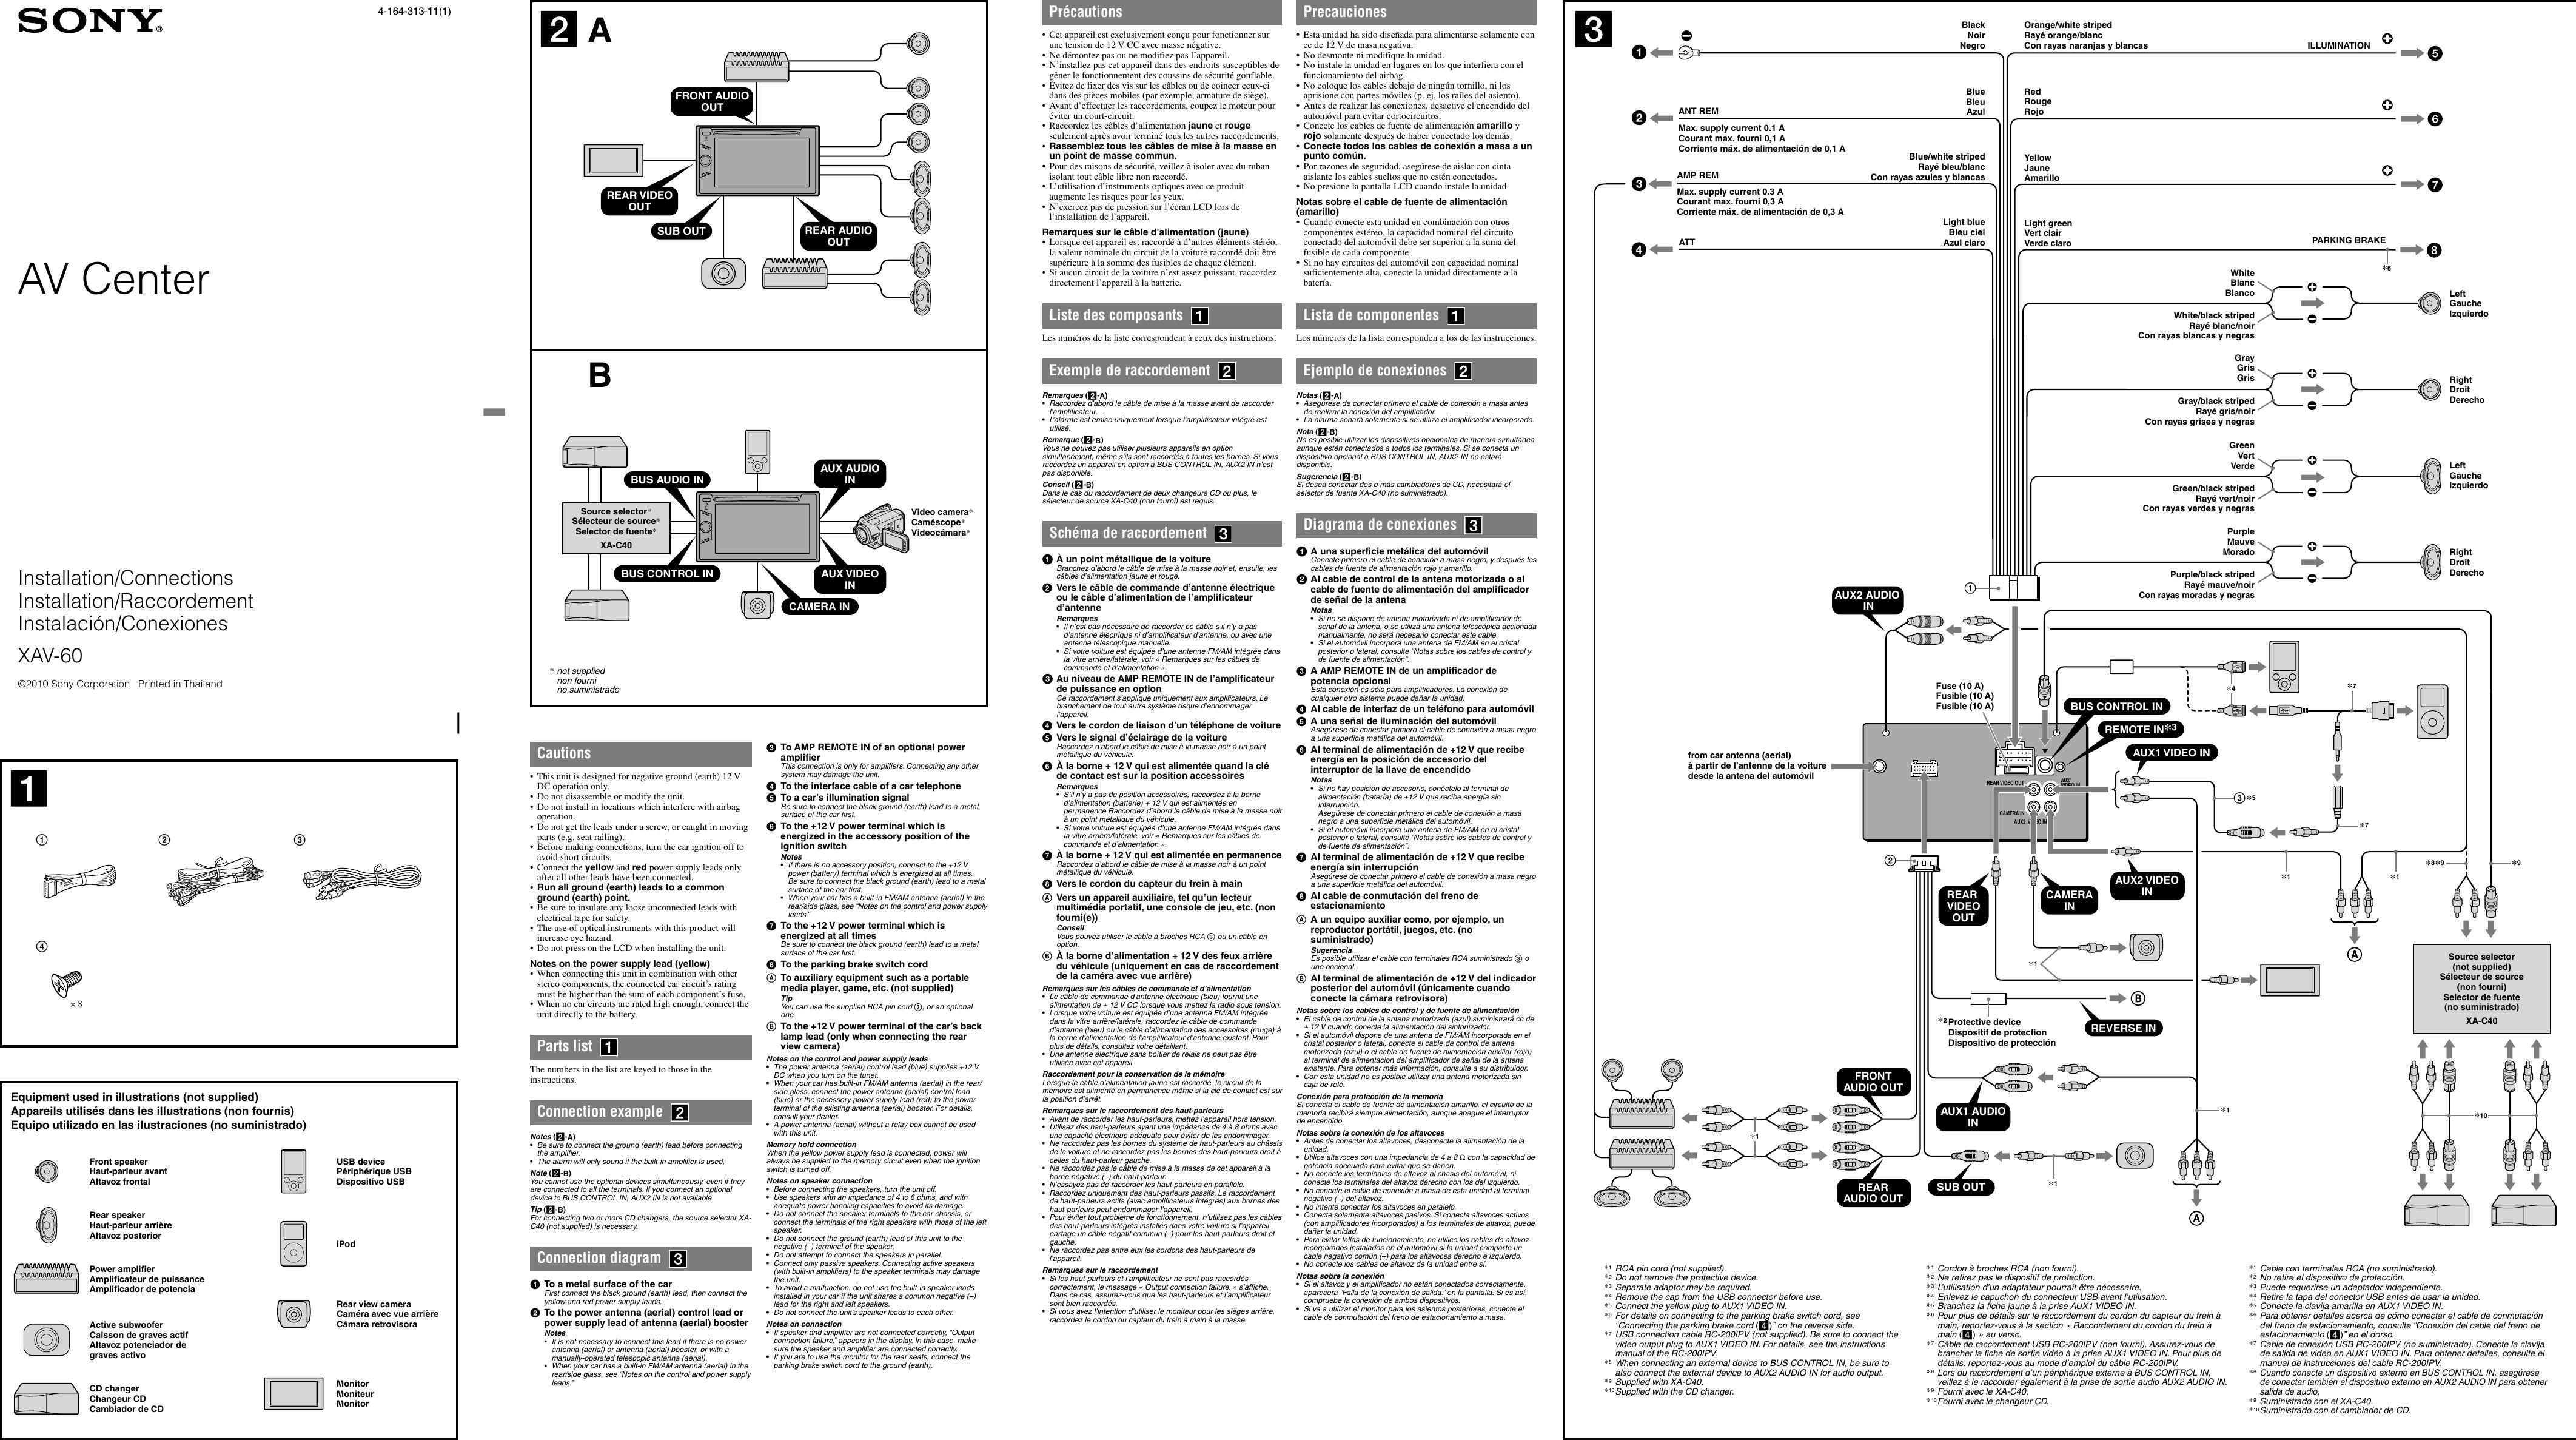 sony xav 60 installation connections manual rh usermanual wiki Sony XAV-60 Bypass Sony XAV-60 Manual